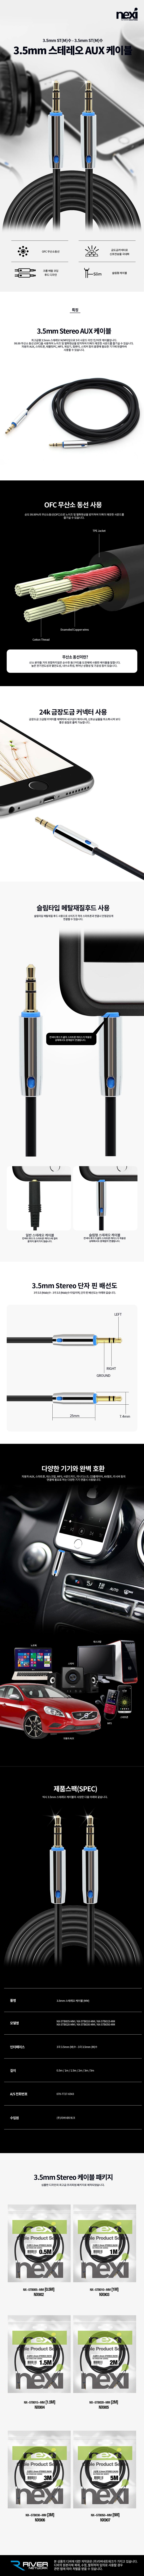 리버네트워크 NEXI 3.5mm 스테레오 AUX 케이블(1m, NX903)